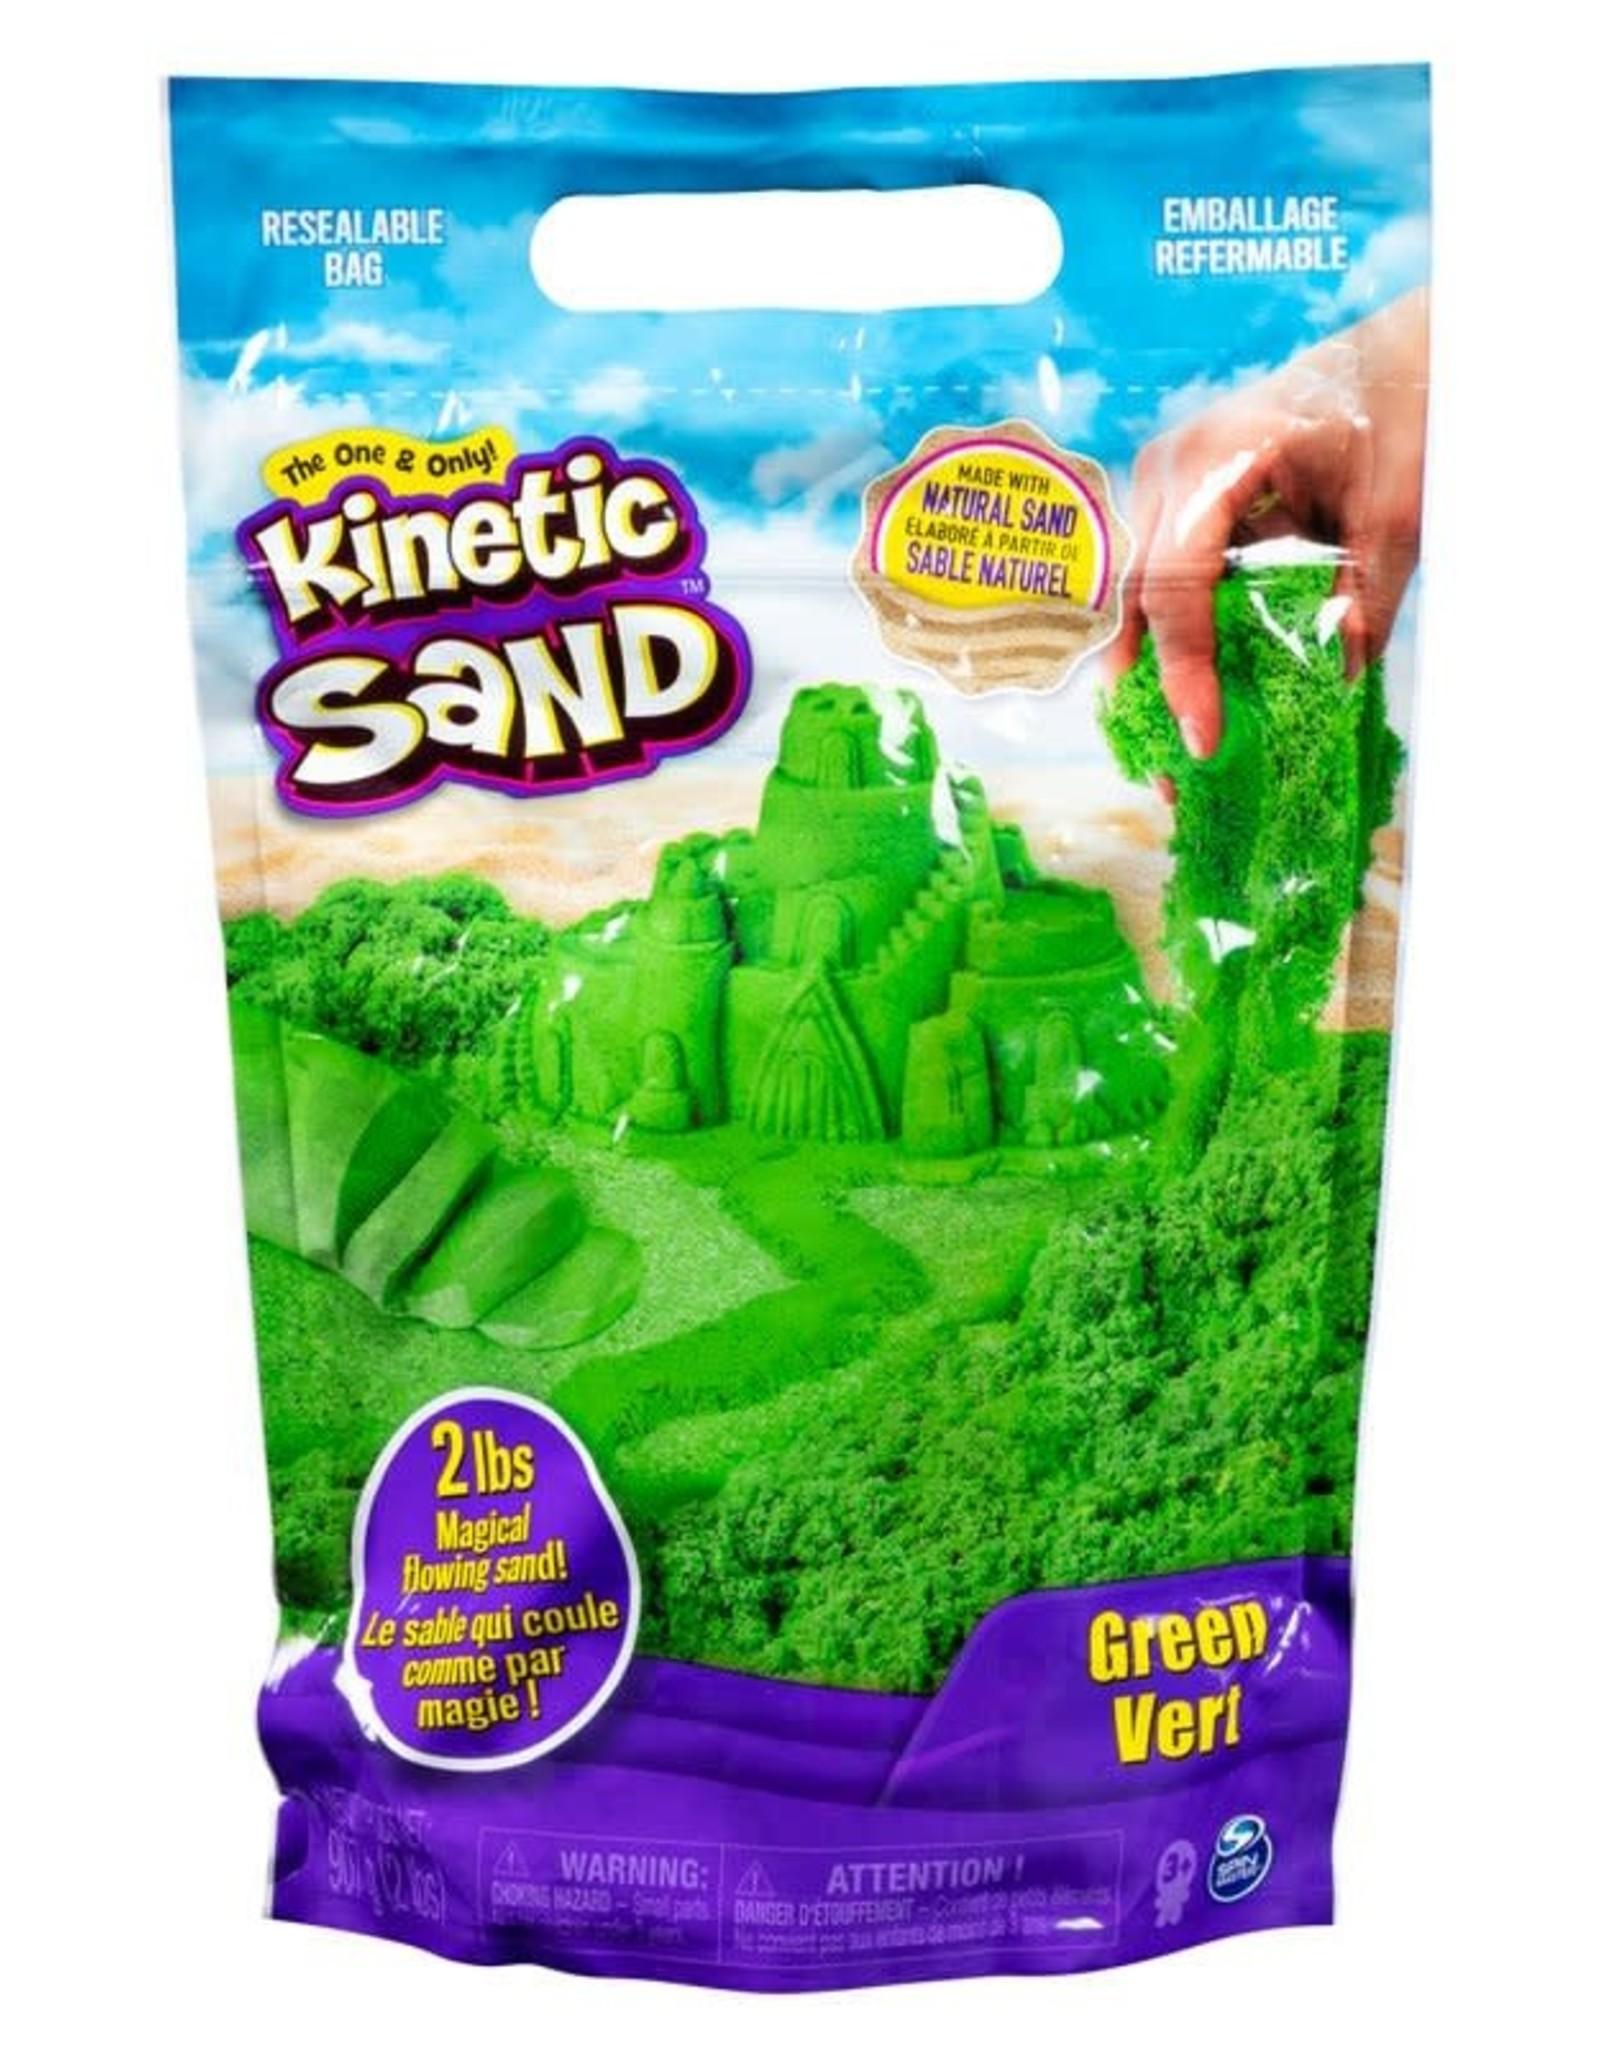 Kinetic Sand Kinetic Sand, 2 lbs - Green